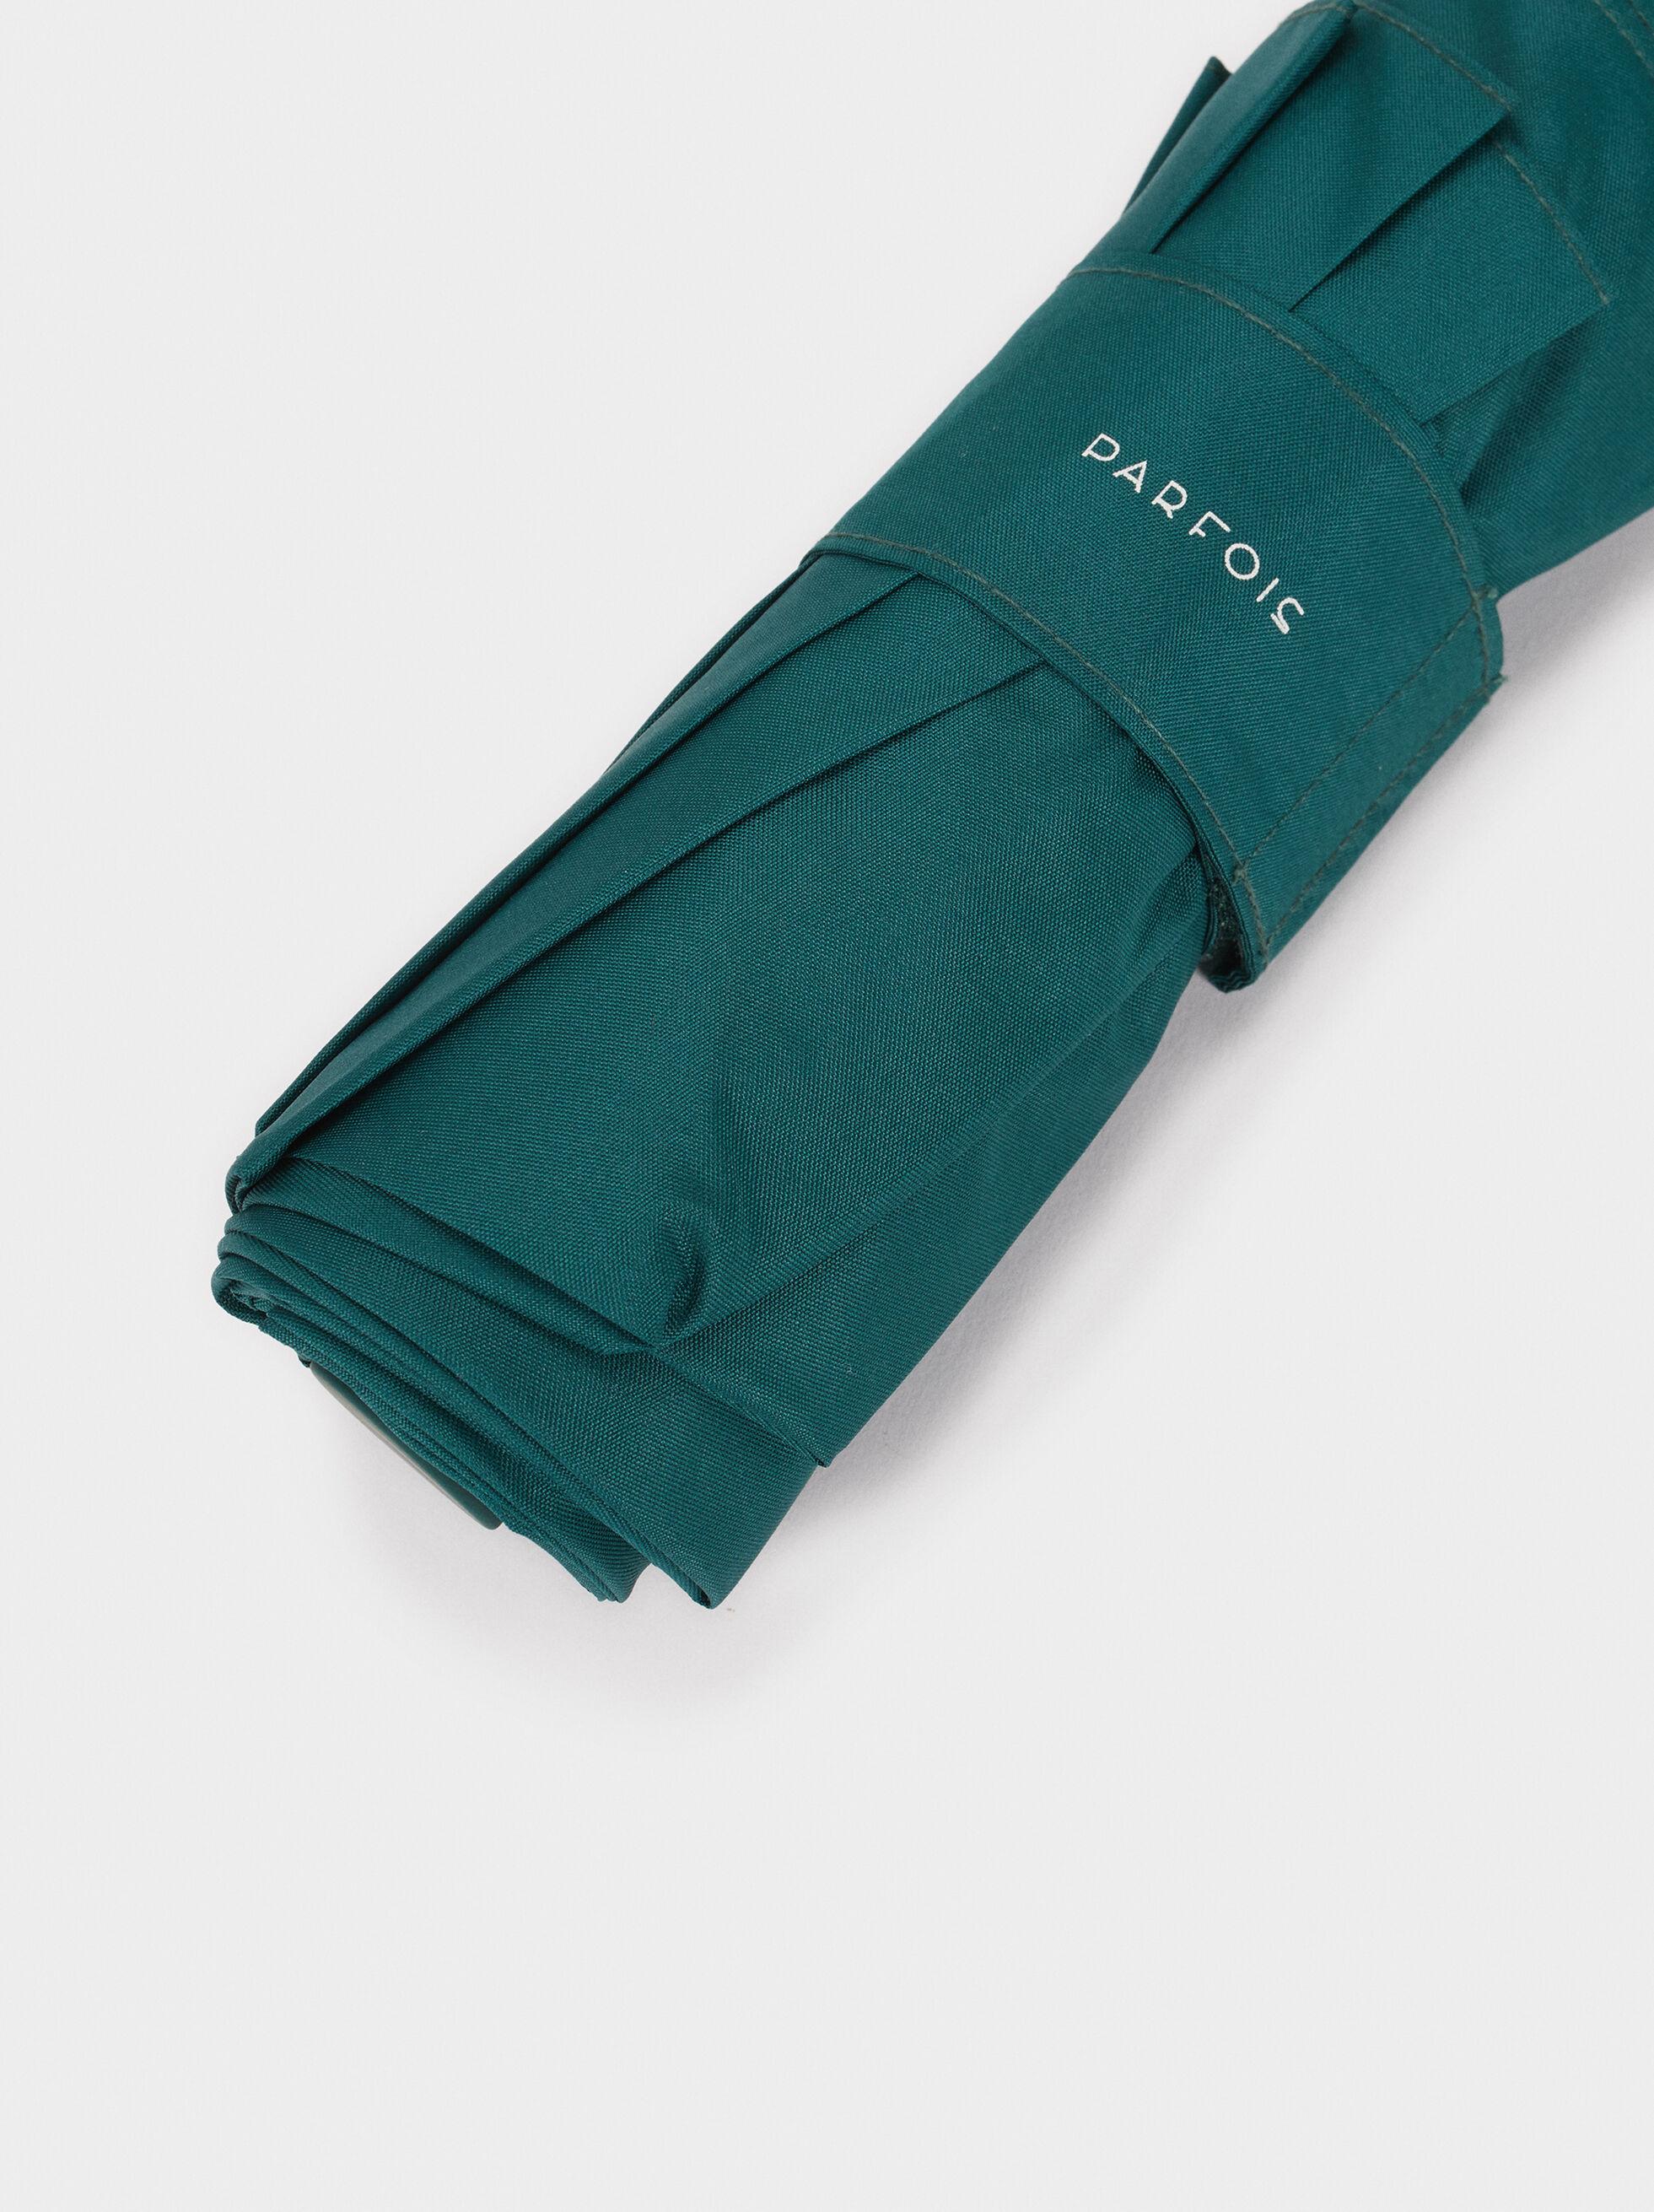 Small Folding Umbrella , Green, hi-res